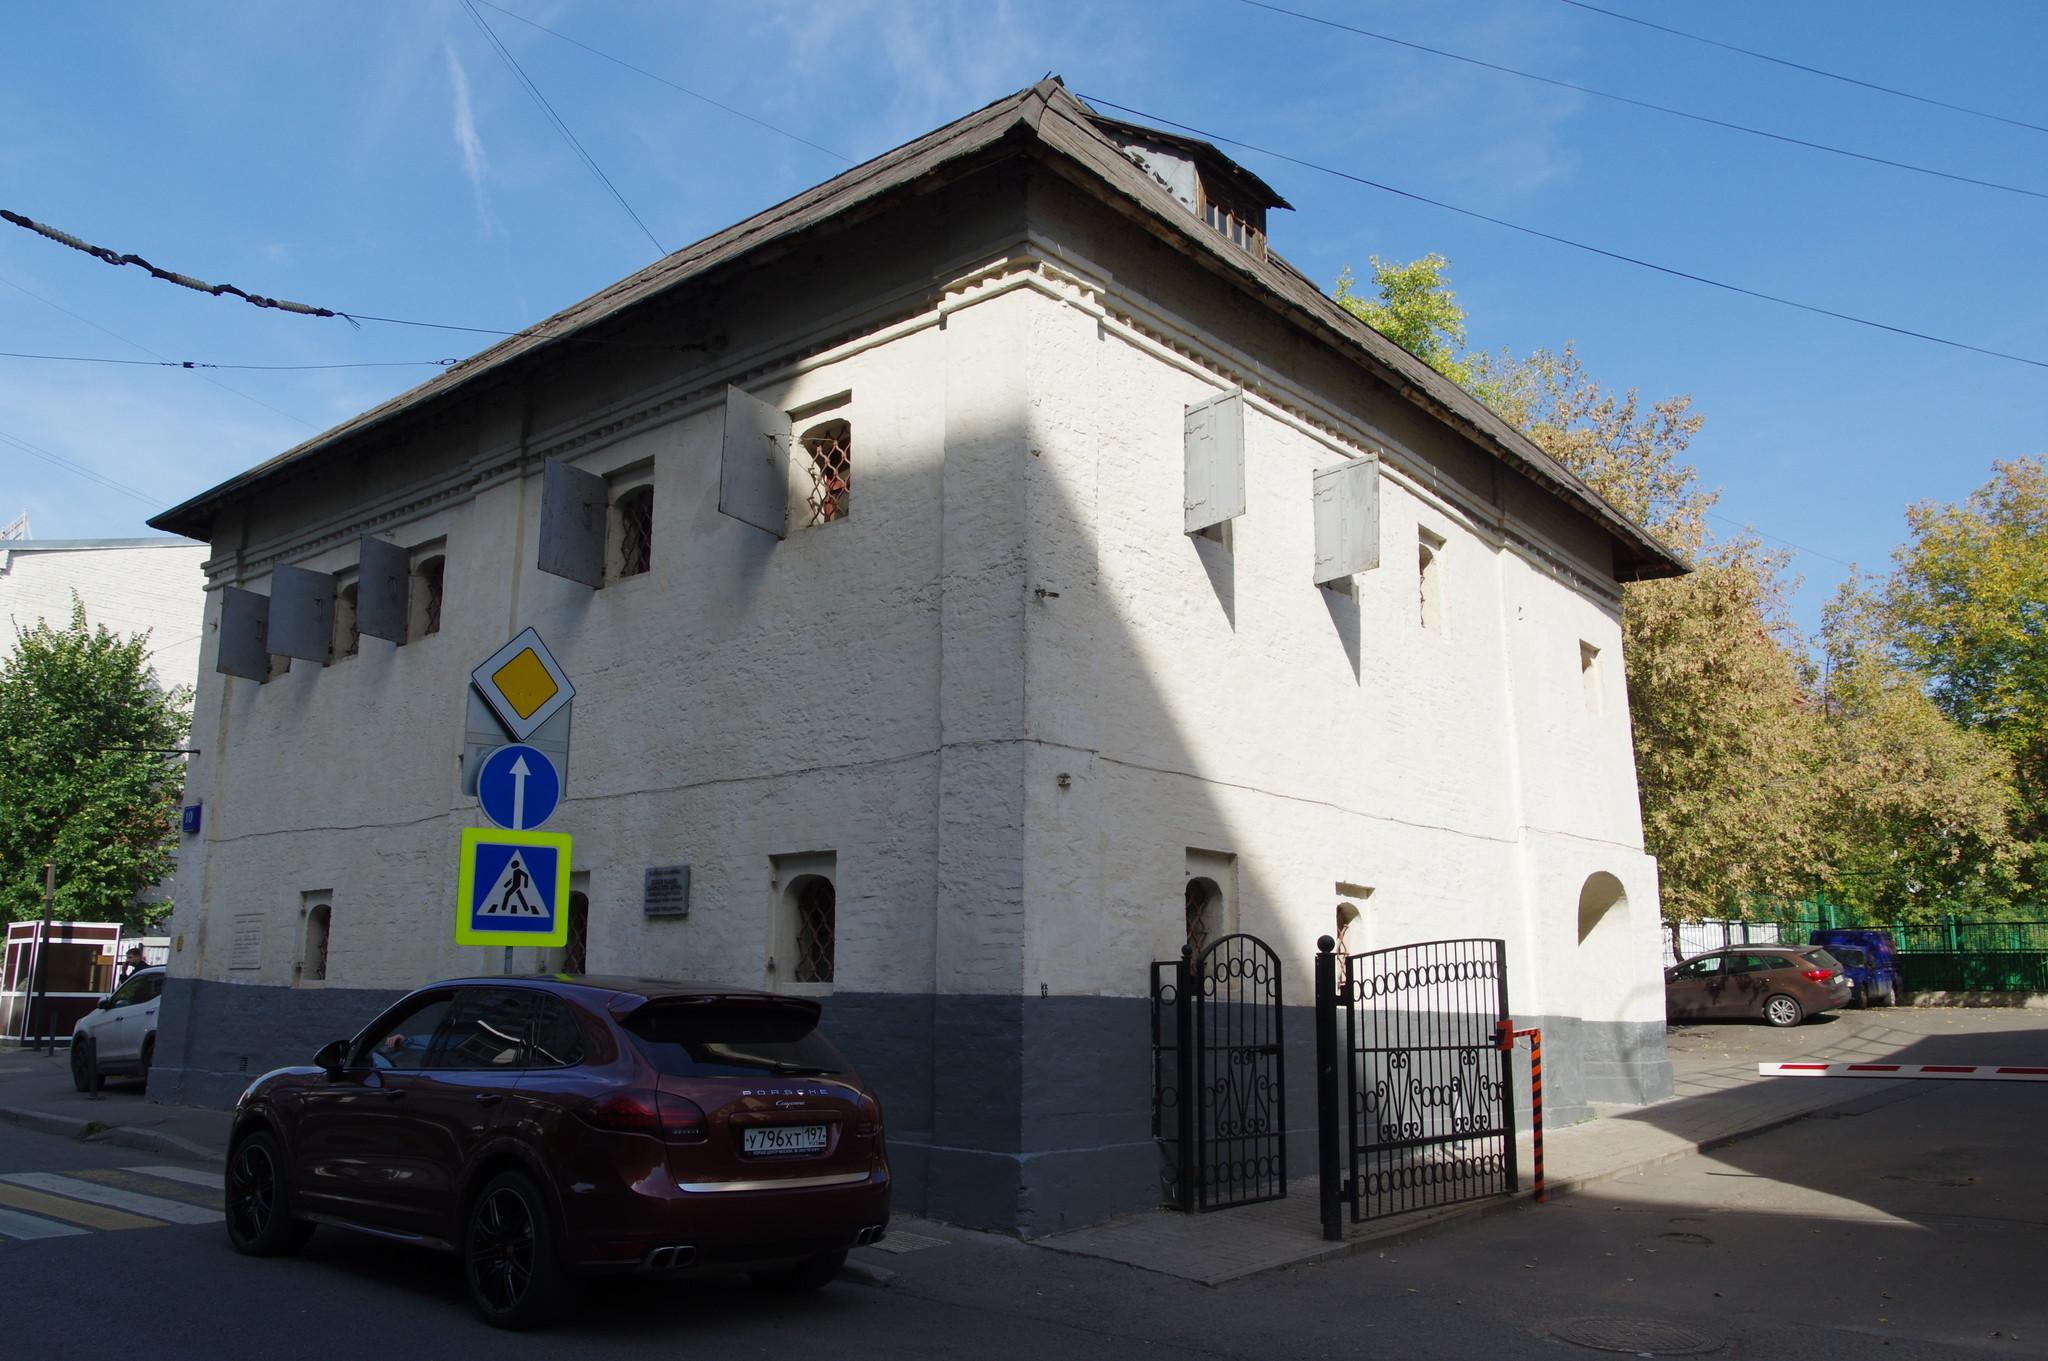 Палаты Хамовного двора (улица Льва Толстого, дом 10, строение 2)